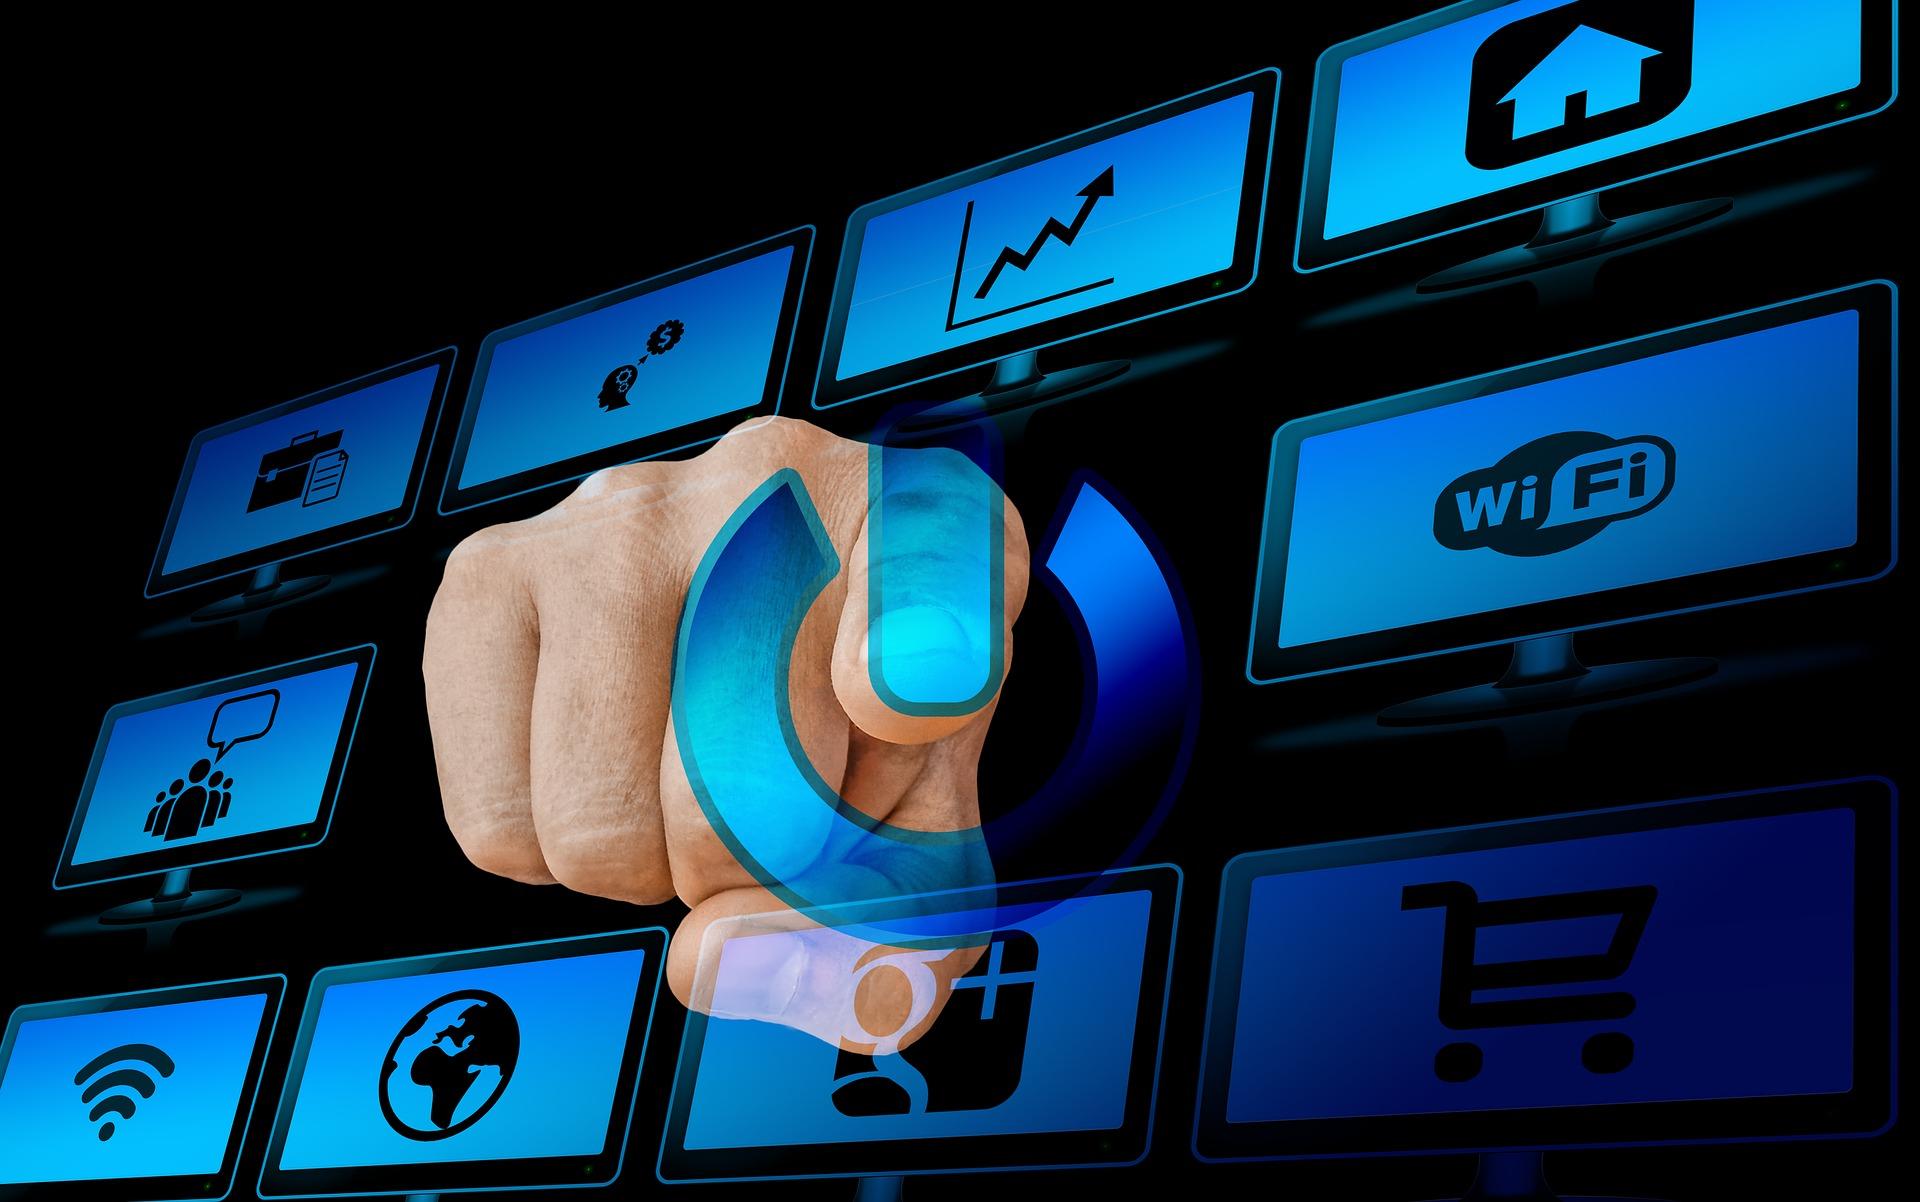 Données de santé : le Conseil d'État valide l'hébergement par Microsoft contre l'avis de la Cnil